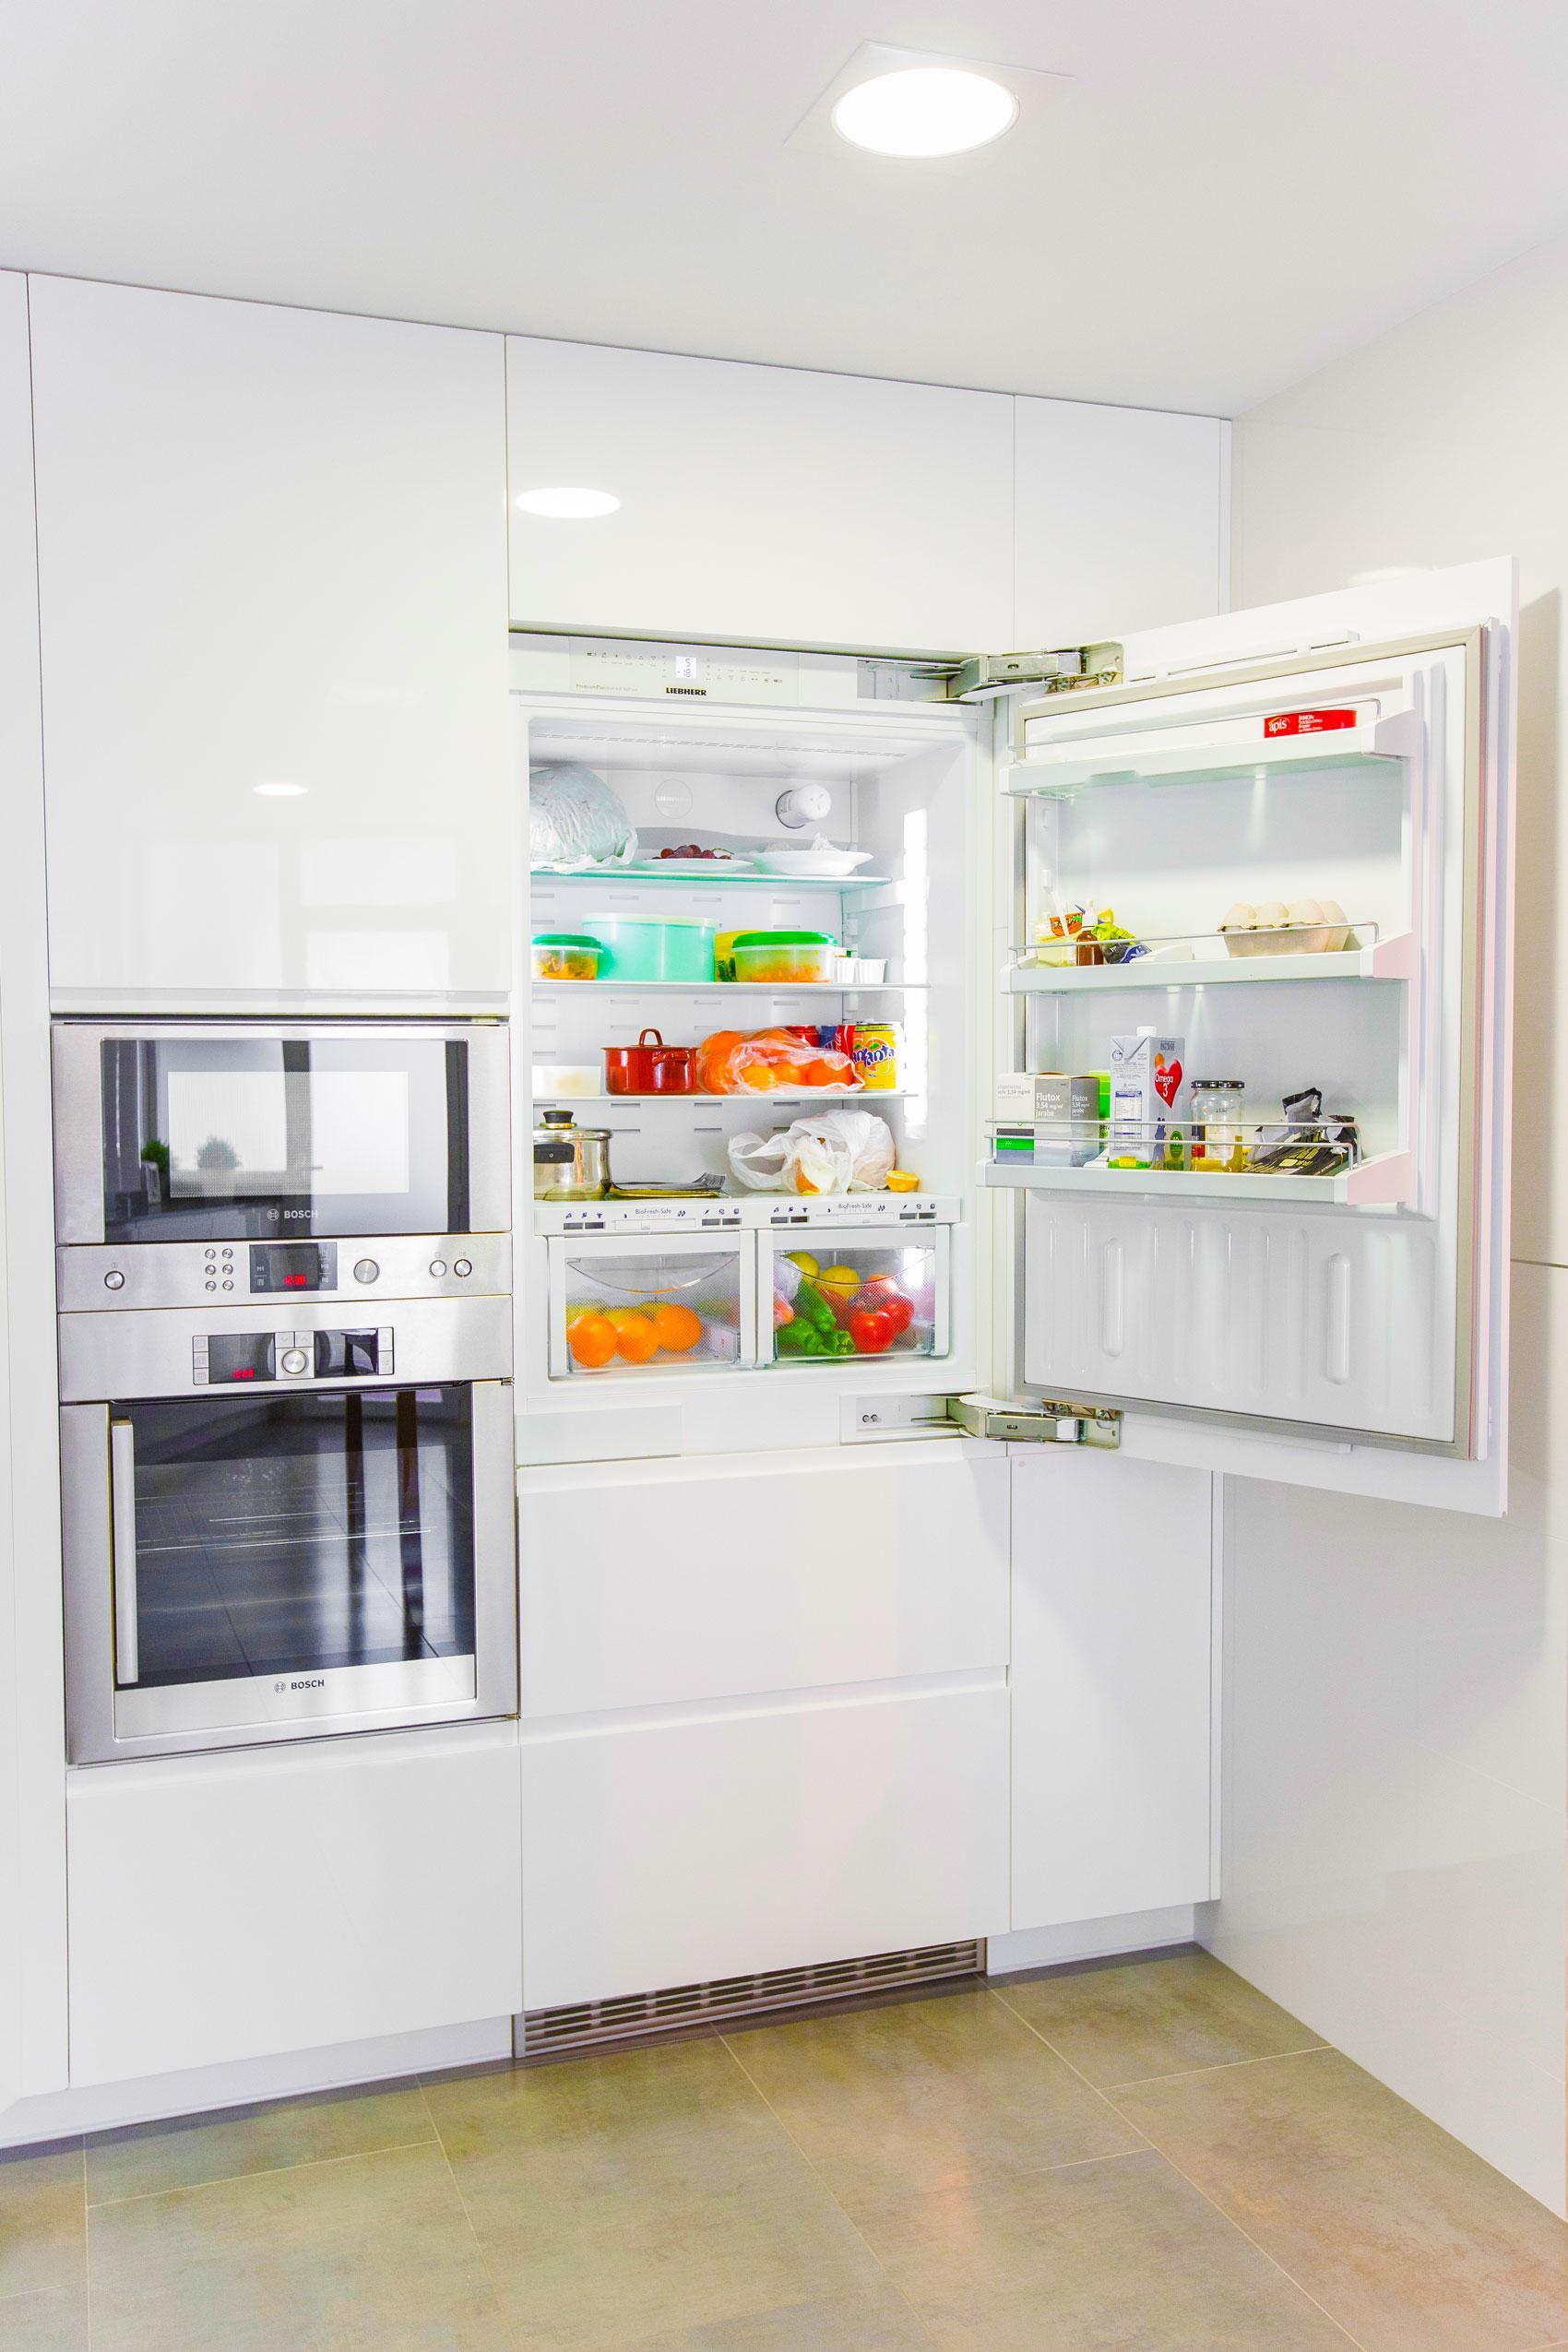 Cocina con electrodomesticos ideas de disenos for Electrodomesticos cocinas